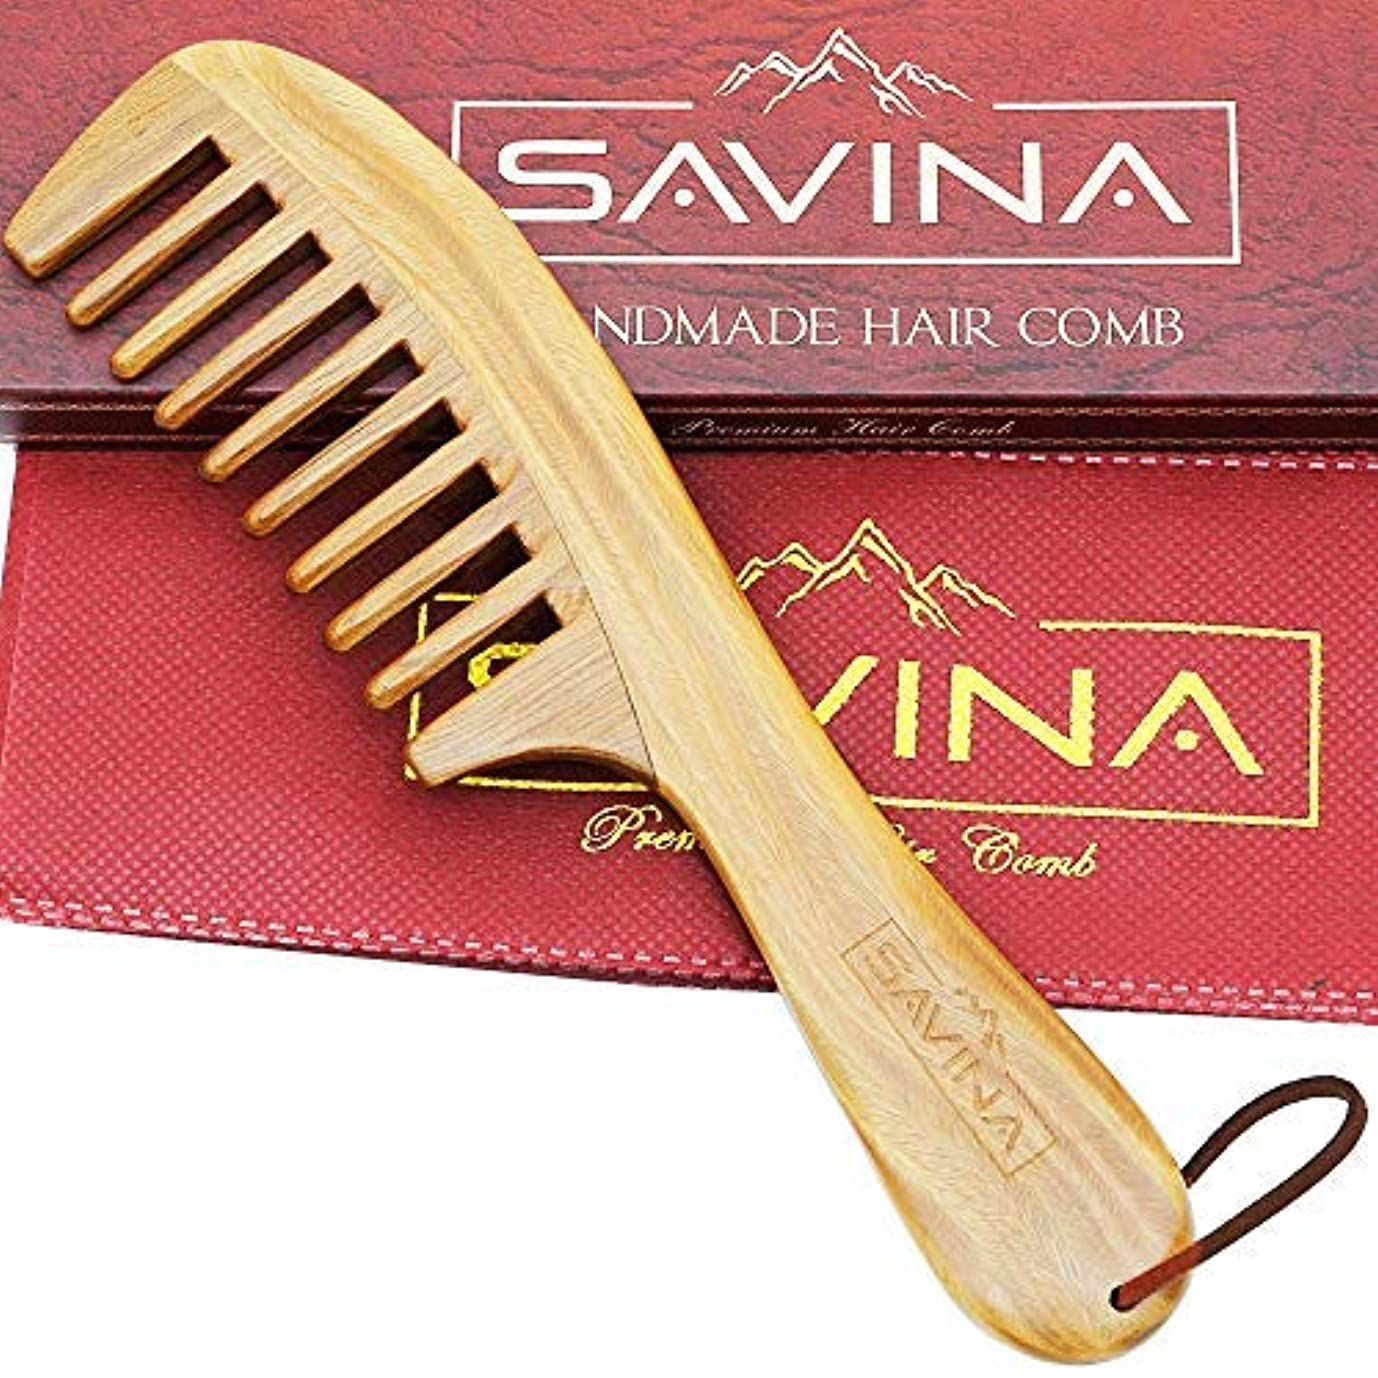 セッションクリーム学ぶWooden Comb - 8.6 inch Wide Tooth Wood Comb for Thick, Curly Hair by Savina - Anti Static, Reduces Breakage &...